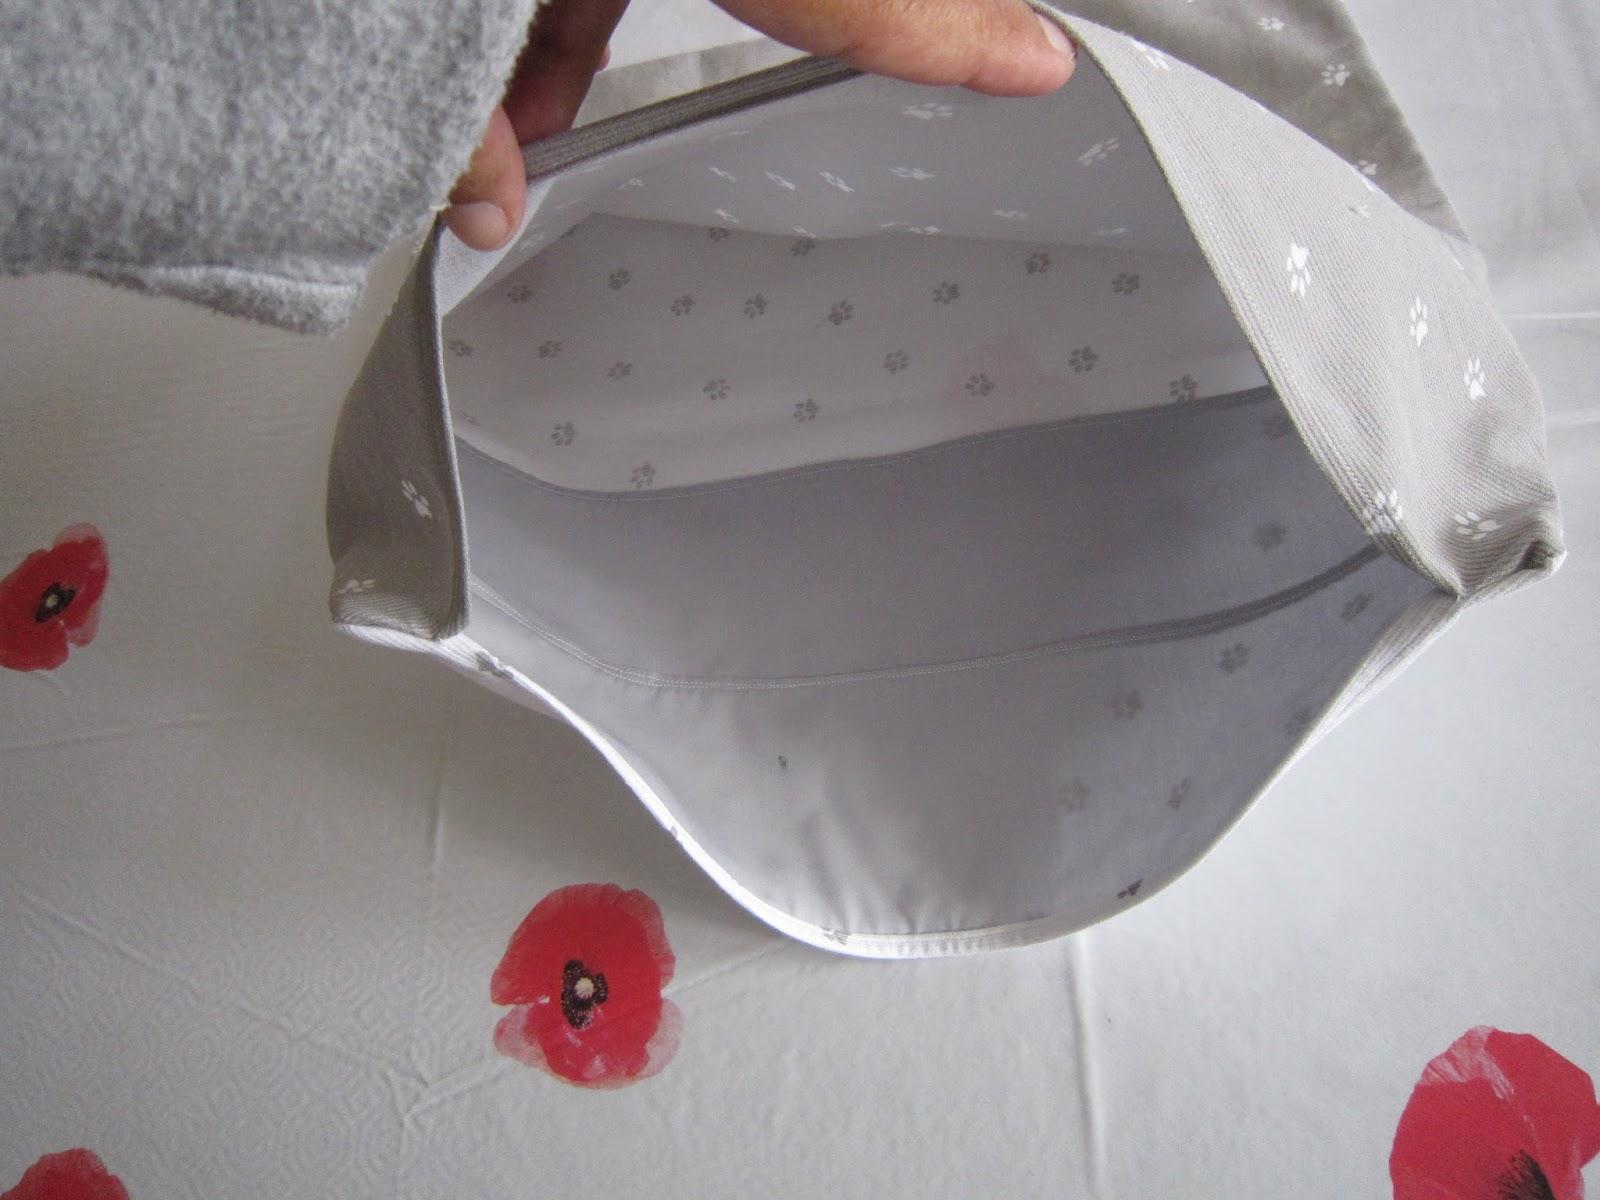 couture pour debutant e s coudre une housse de coussin avec une fermeture en porte feuille. Black Bedroom Furniture Sets. Home Design Ideas